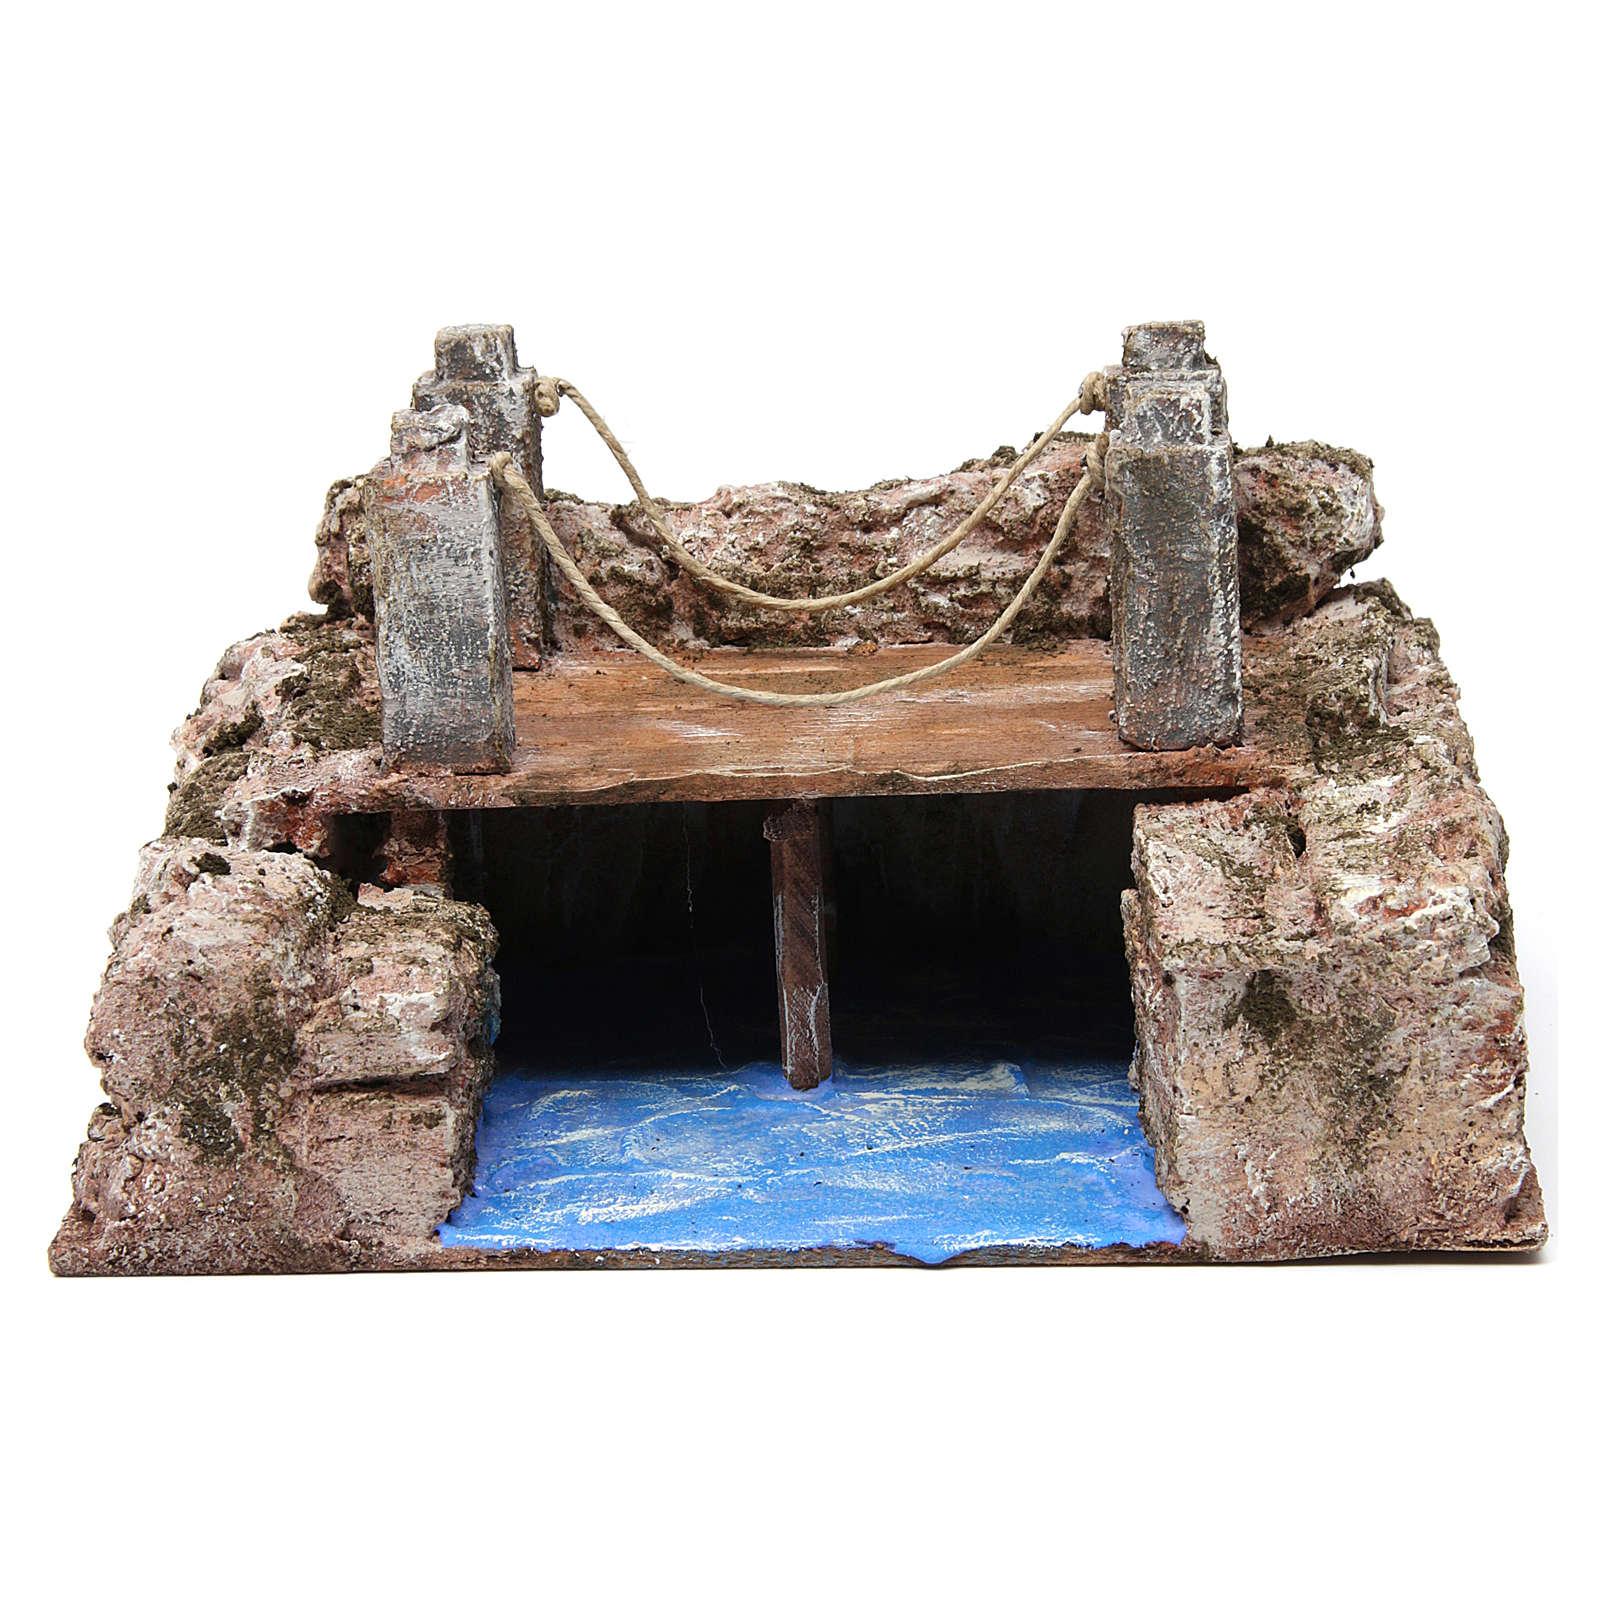 Ruscello ponte travi per presepe 12 cm 15X20X15 cm 4